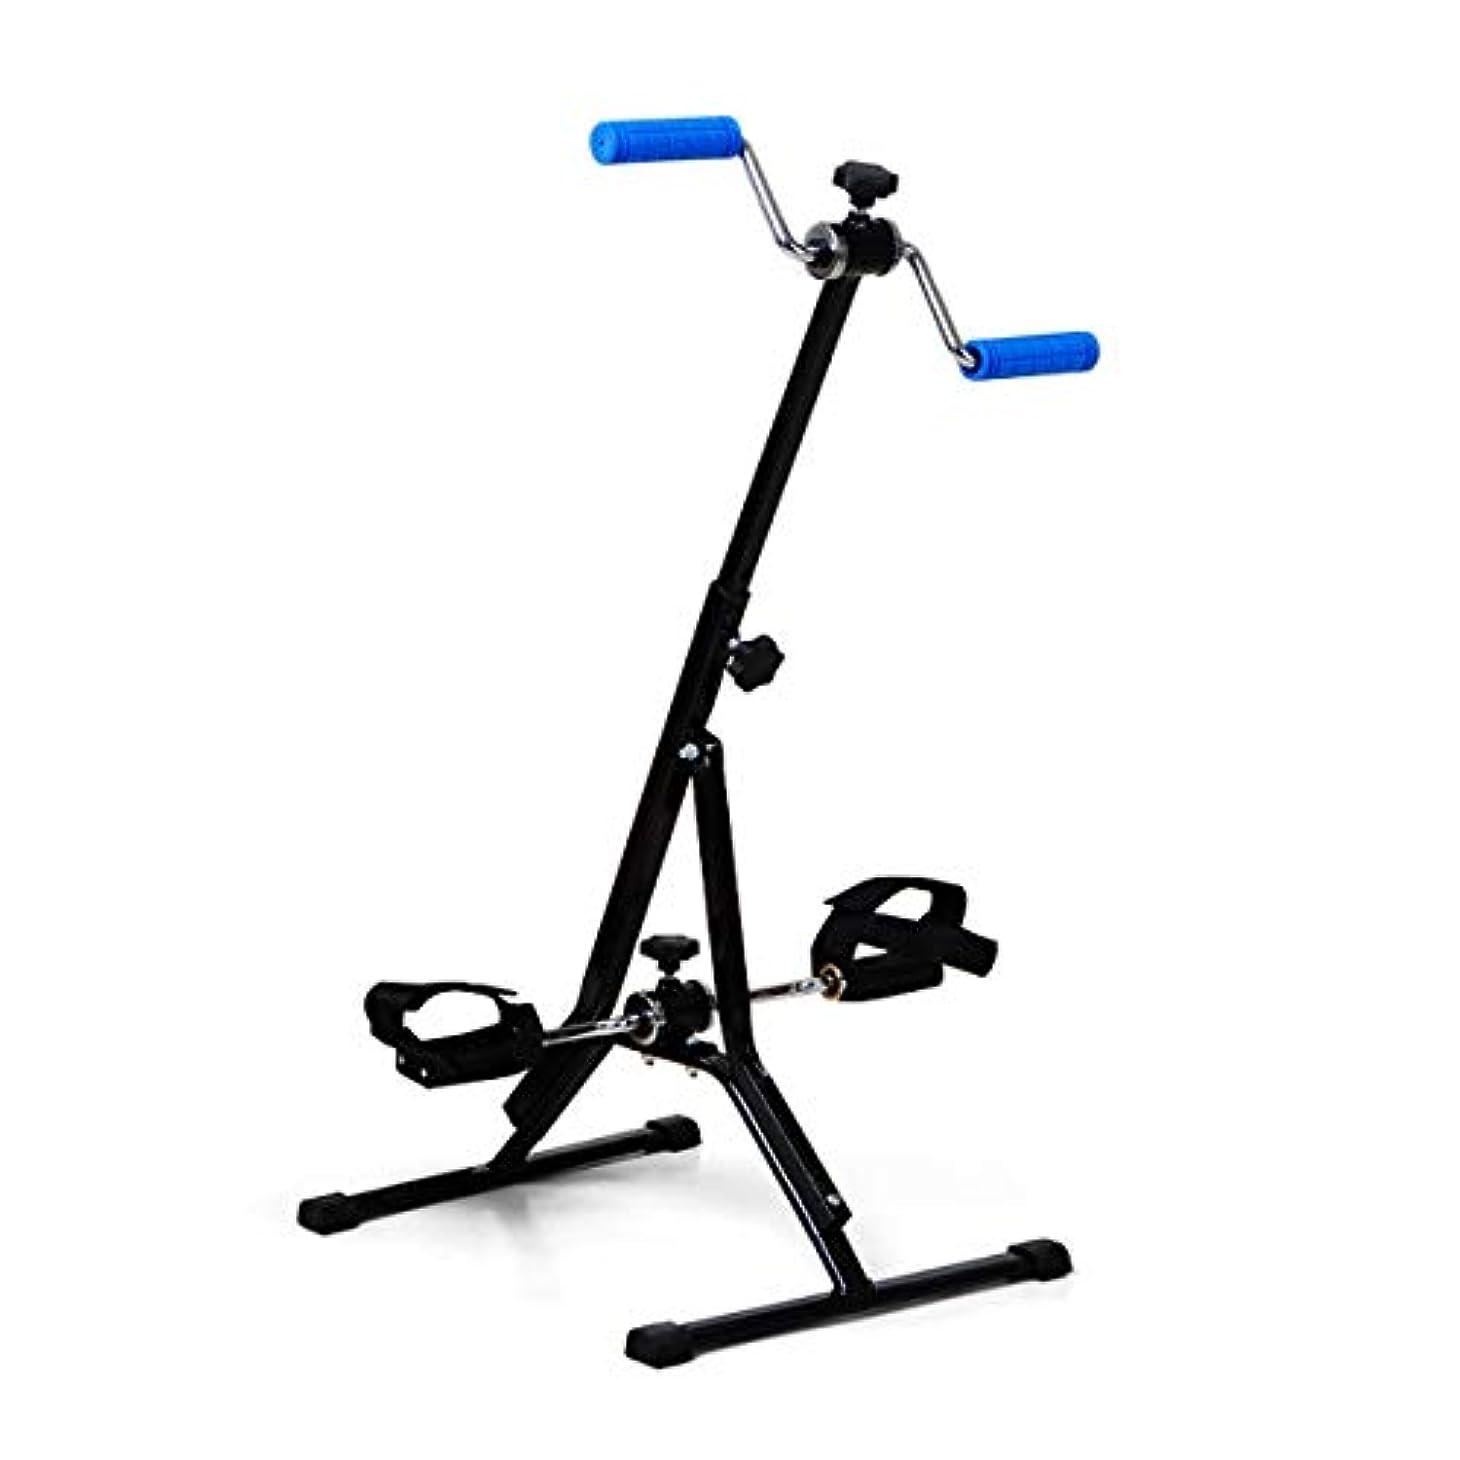 言及するアクティブかまど上肢および下肢のトレーニング機器、ホームレッグアームペダルエクササイザー、高齢者の脳卒中片麻痺リハビリテーション自転車ホーム理学療法フィットネストレーニング,A